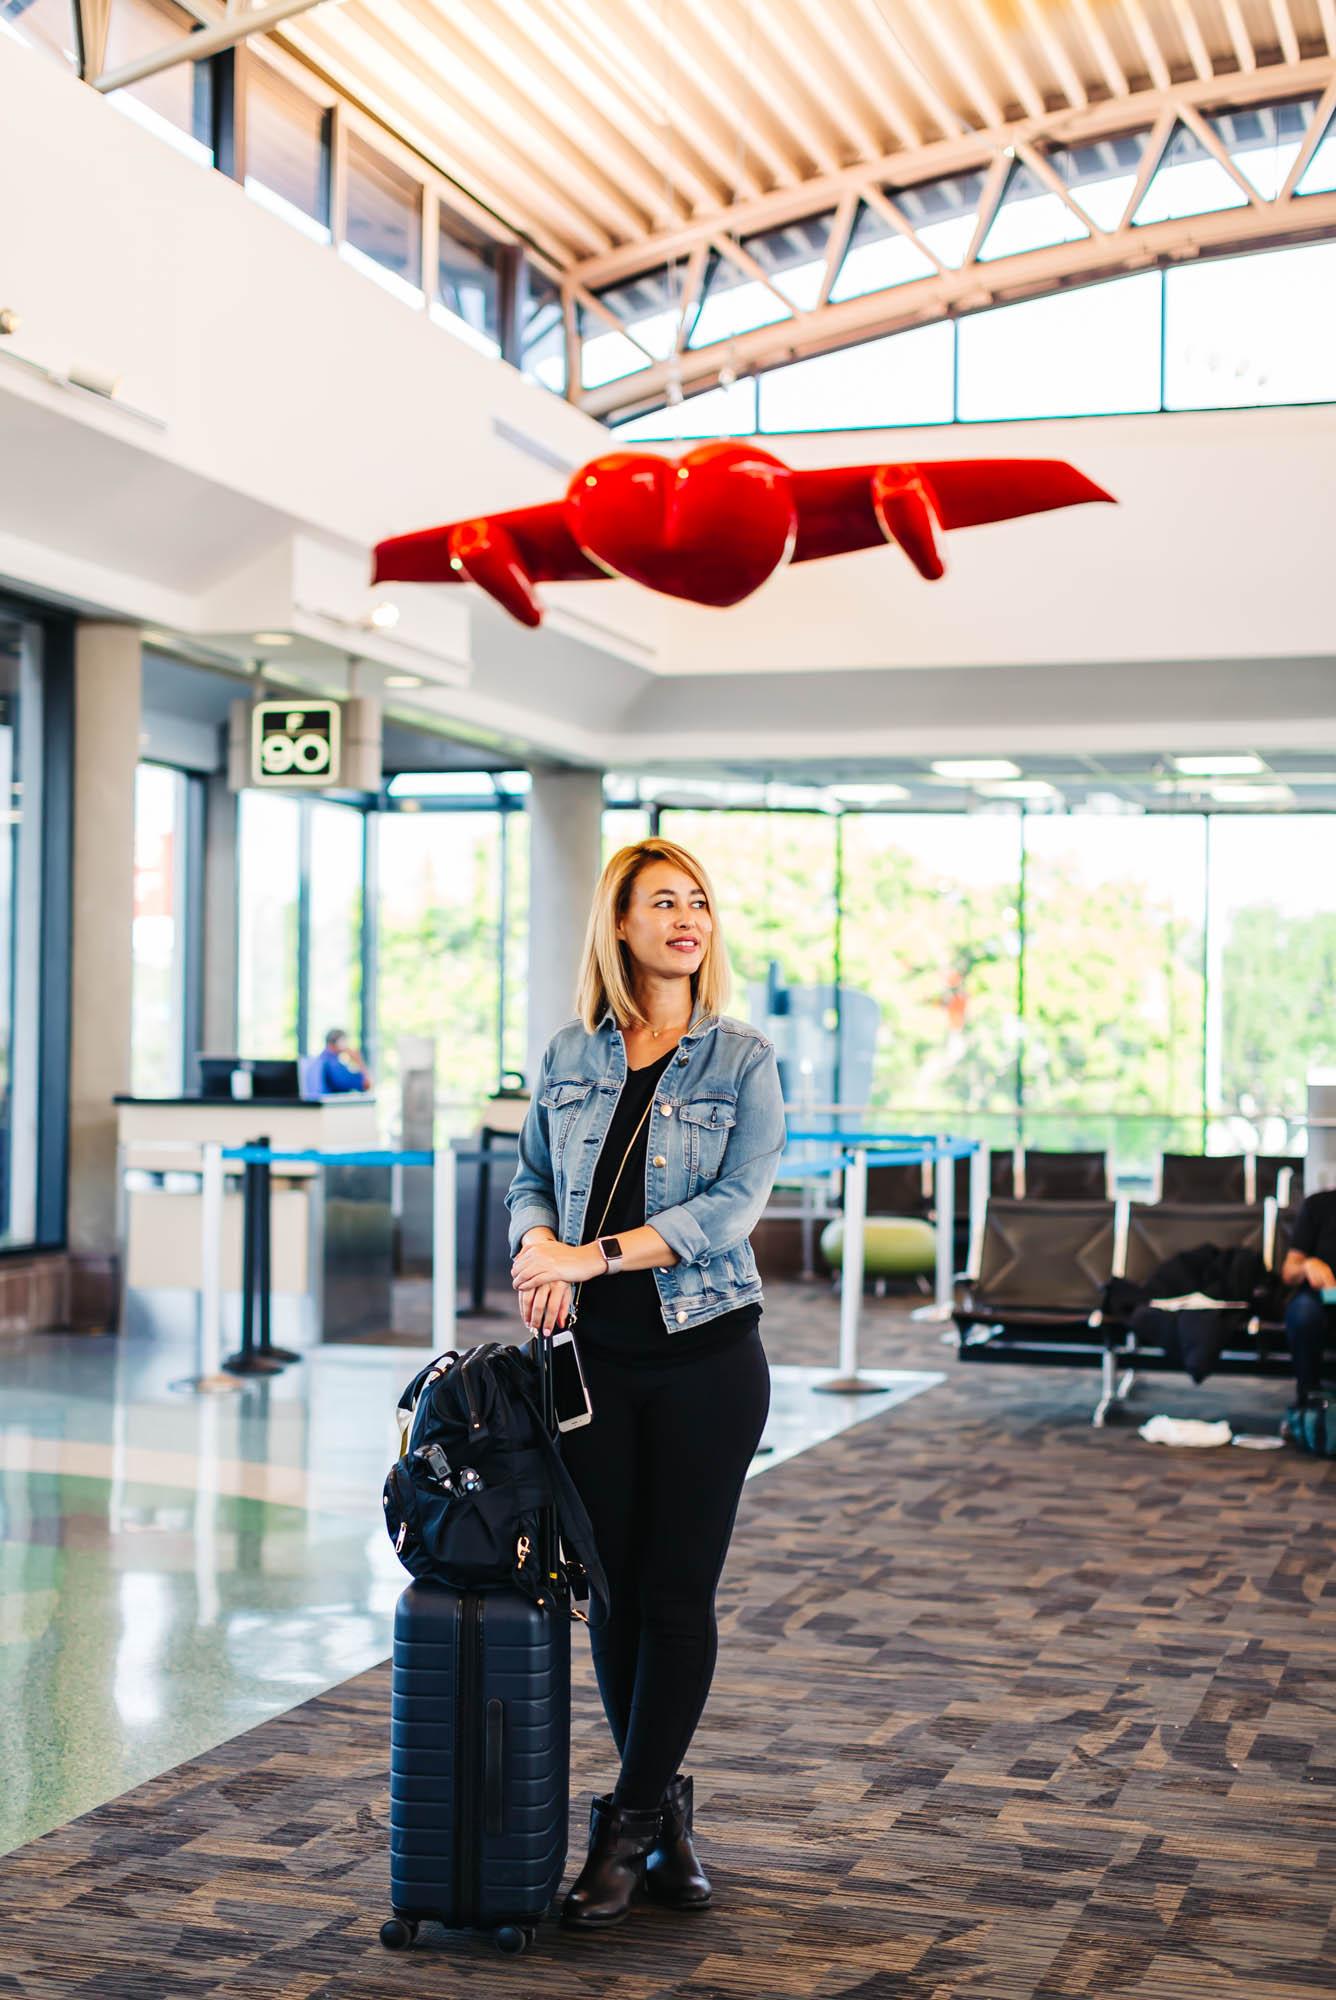 Away Bigger Carry on Suitcase   \\   Pacsafe Anti-theft Book bag